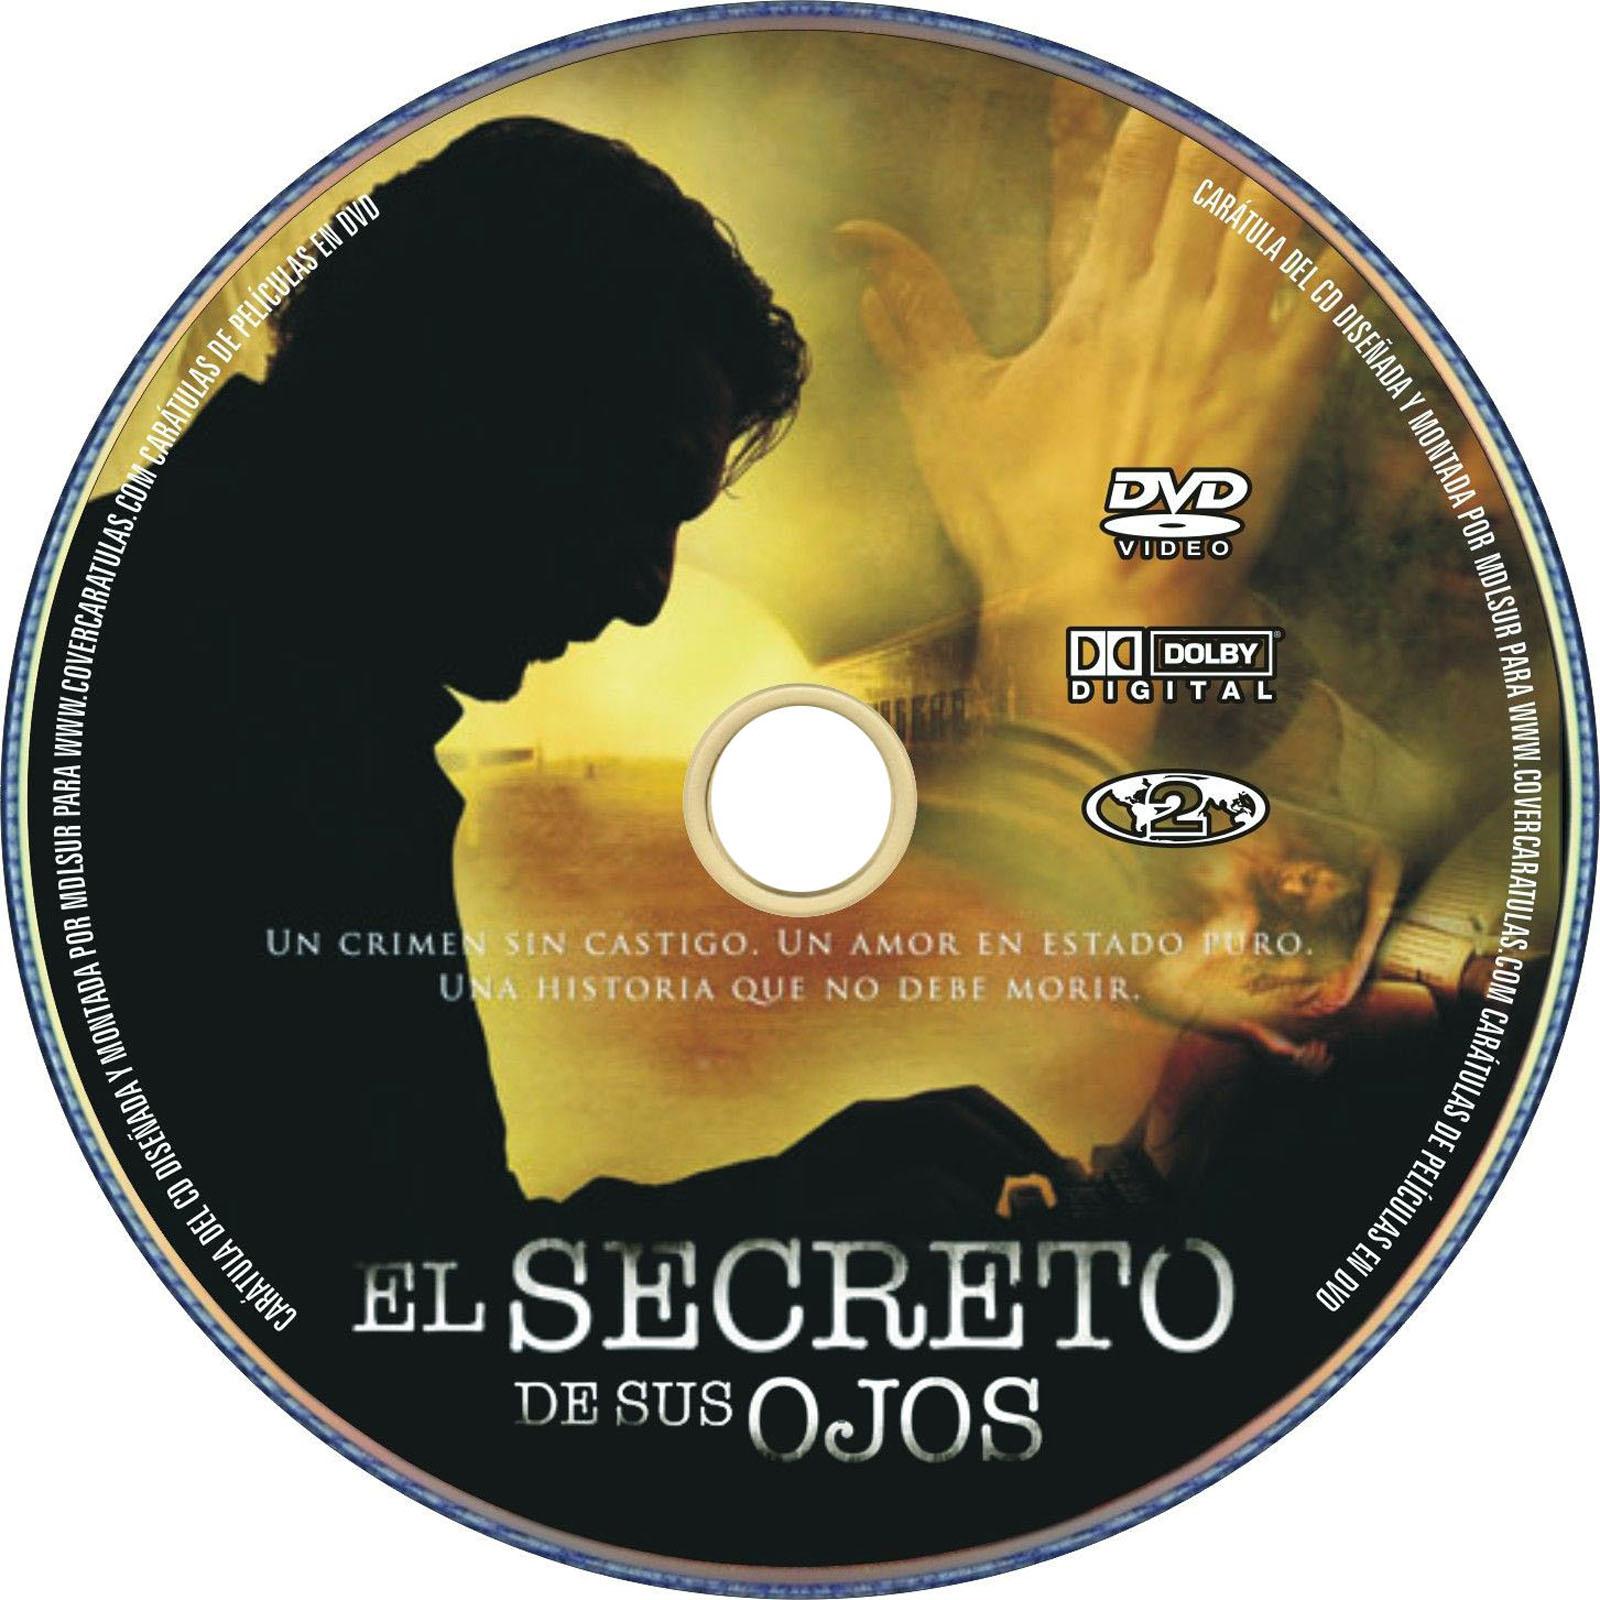 El secreto de sus ojos Dvd Label Art